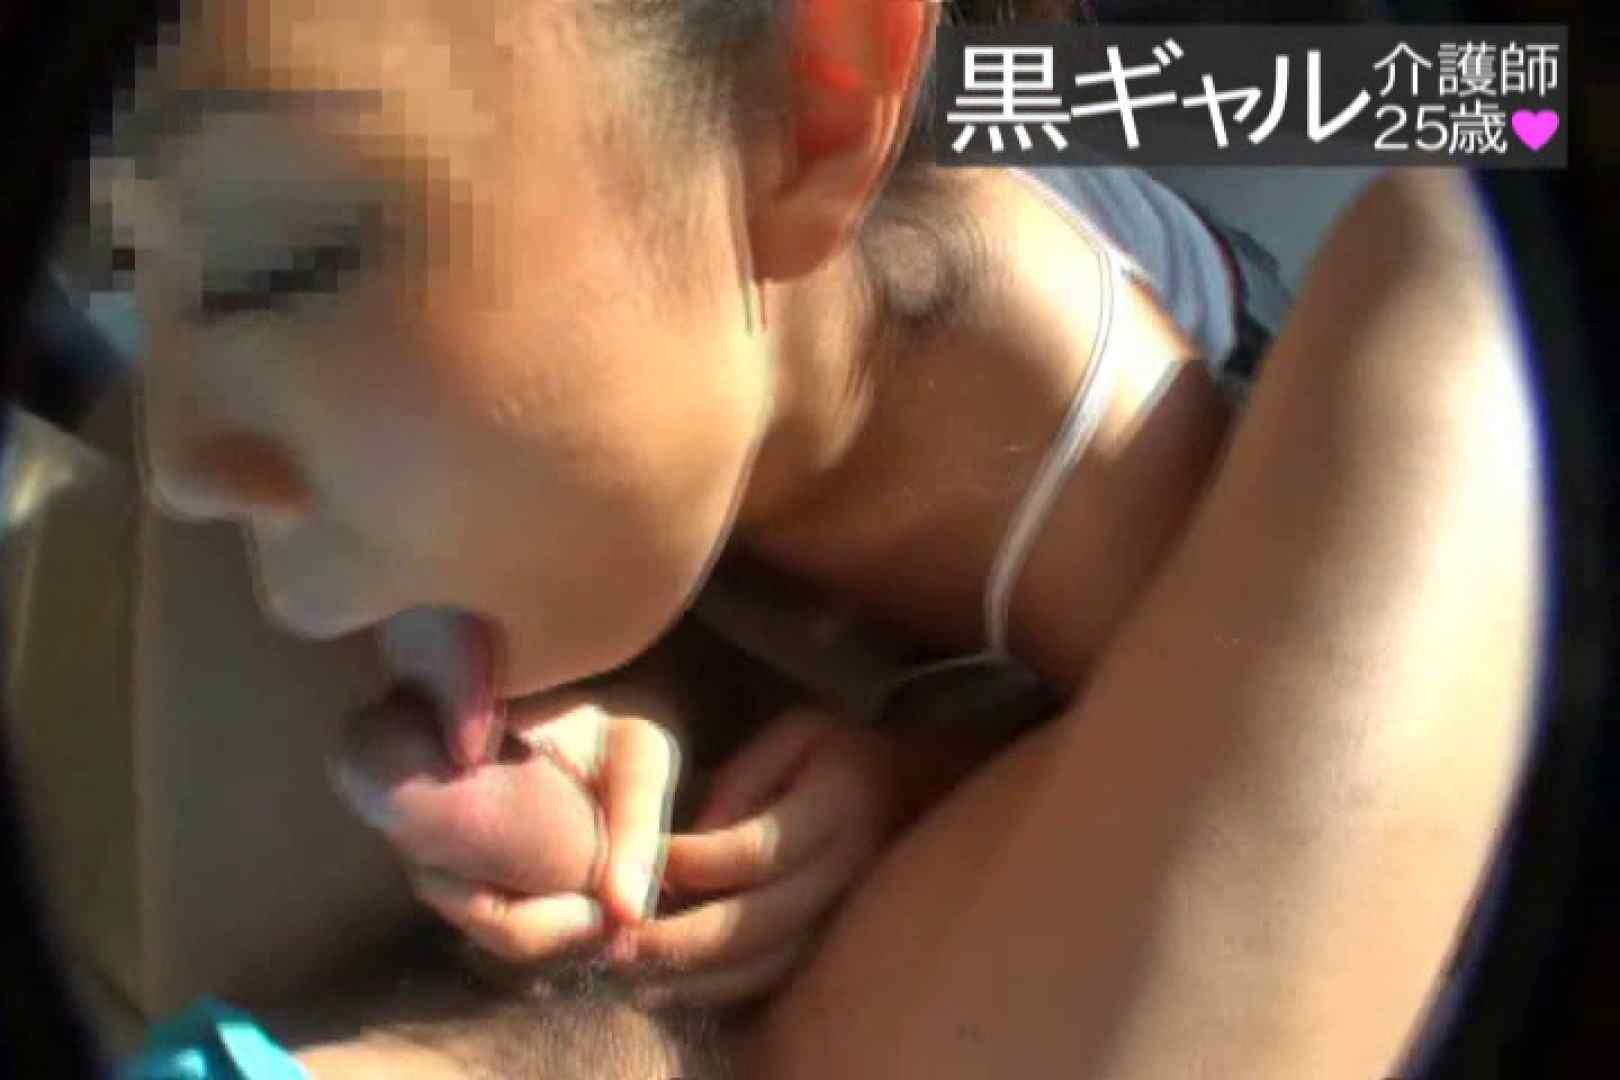 独占入手 従順M黒ギャル介護師25歳vol.6 ギャル達の水着 | シャワー  86画像 39